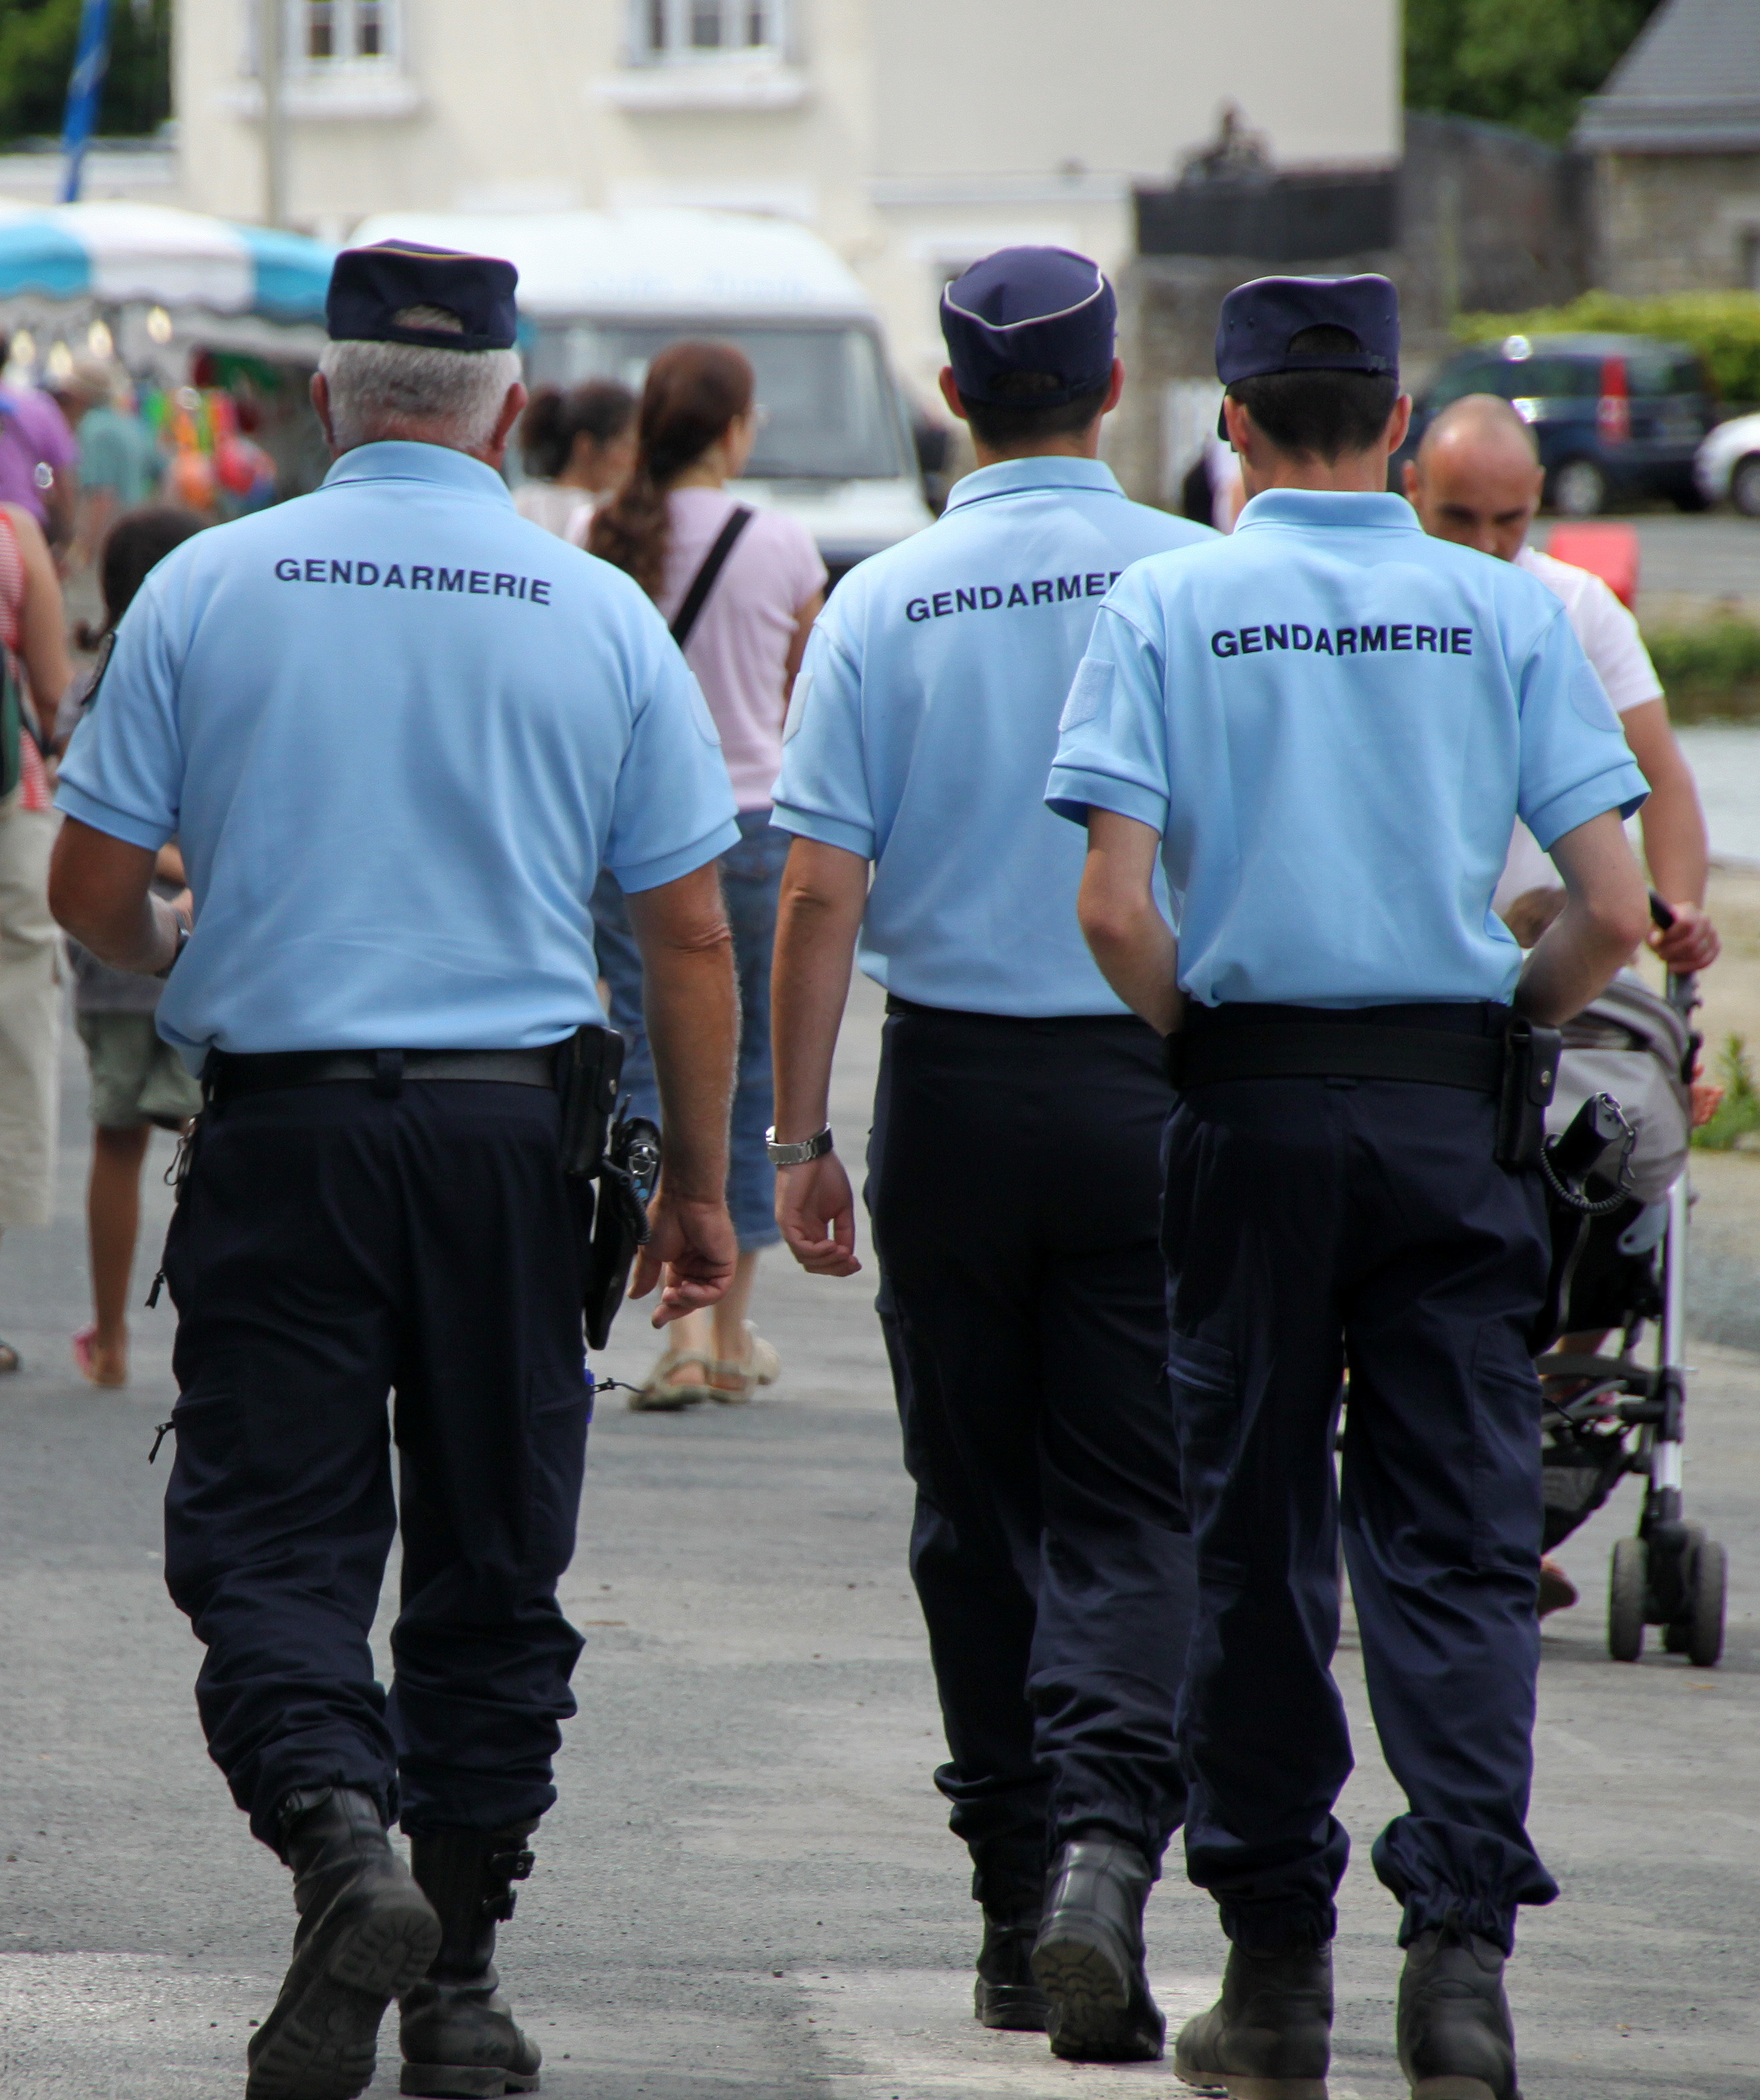 Les preuves de sous officier de gendarmerie interne - Grille salaire sous officier gendarmerie ...